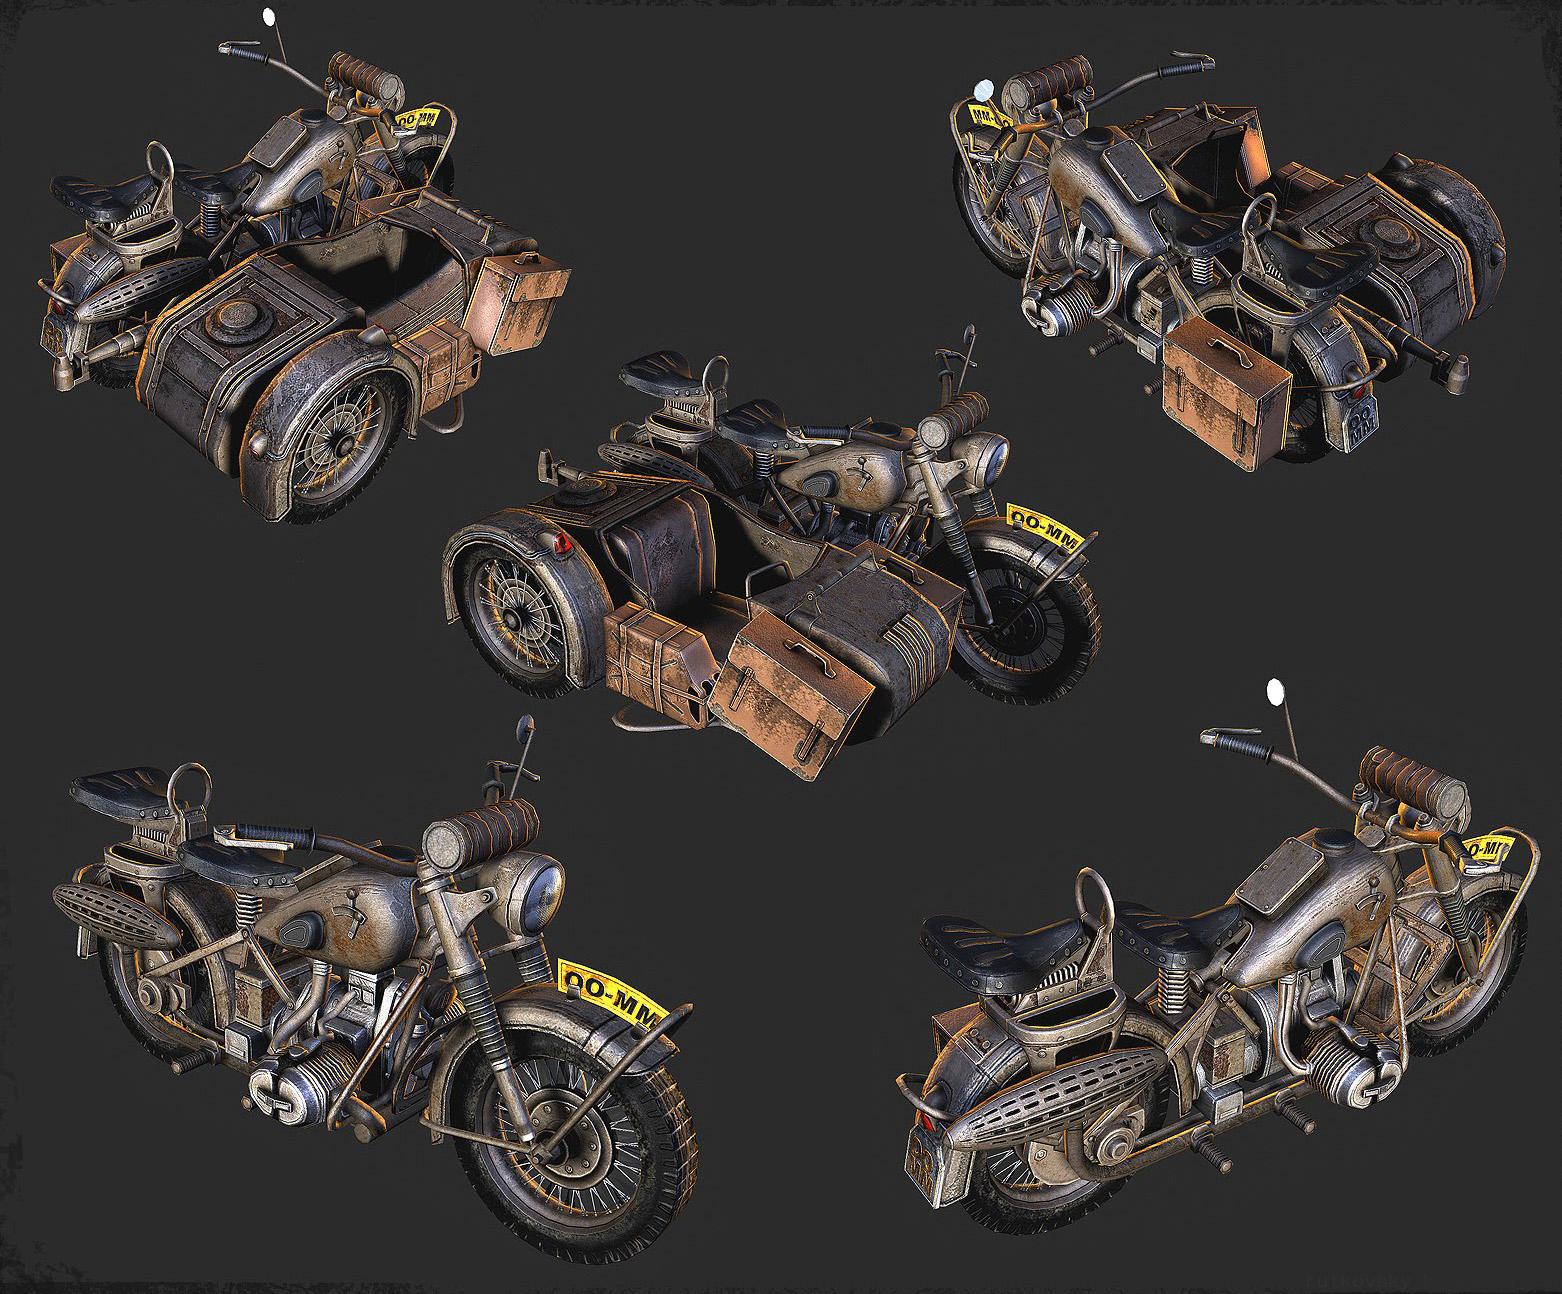 vehicles_moto.jpg